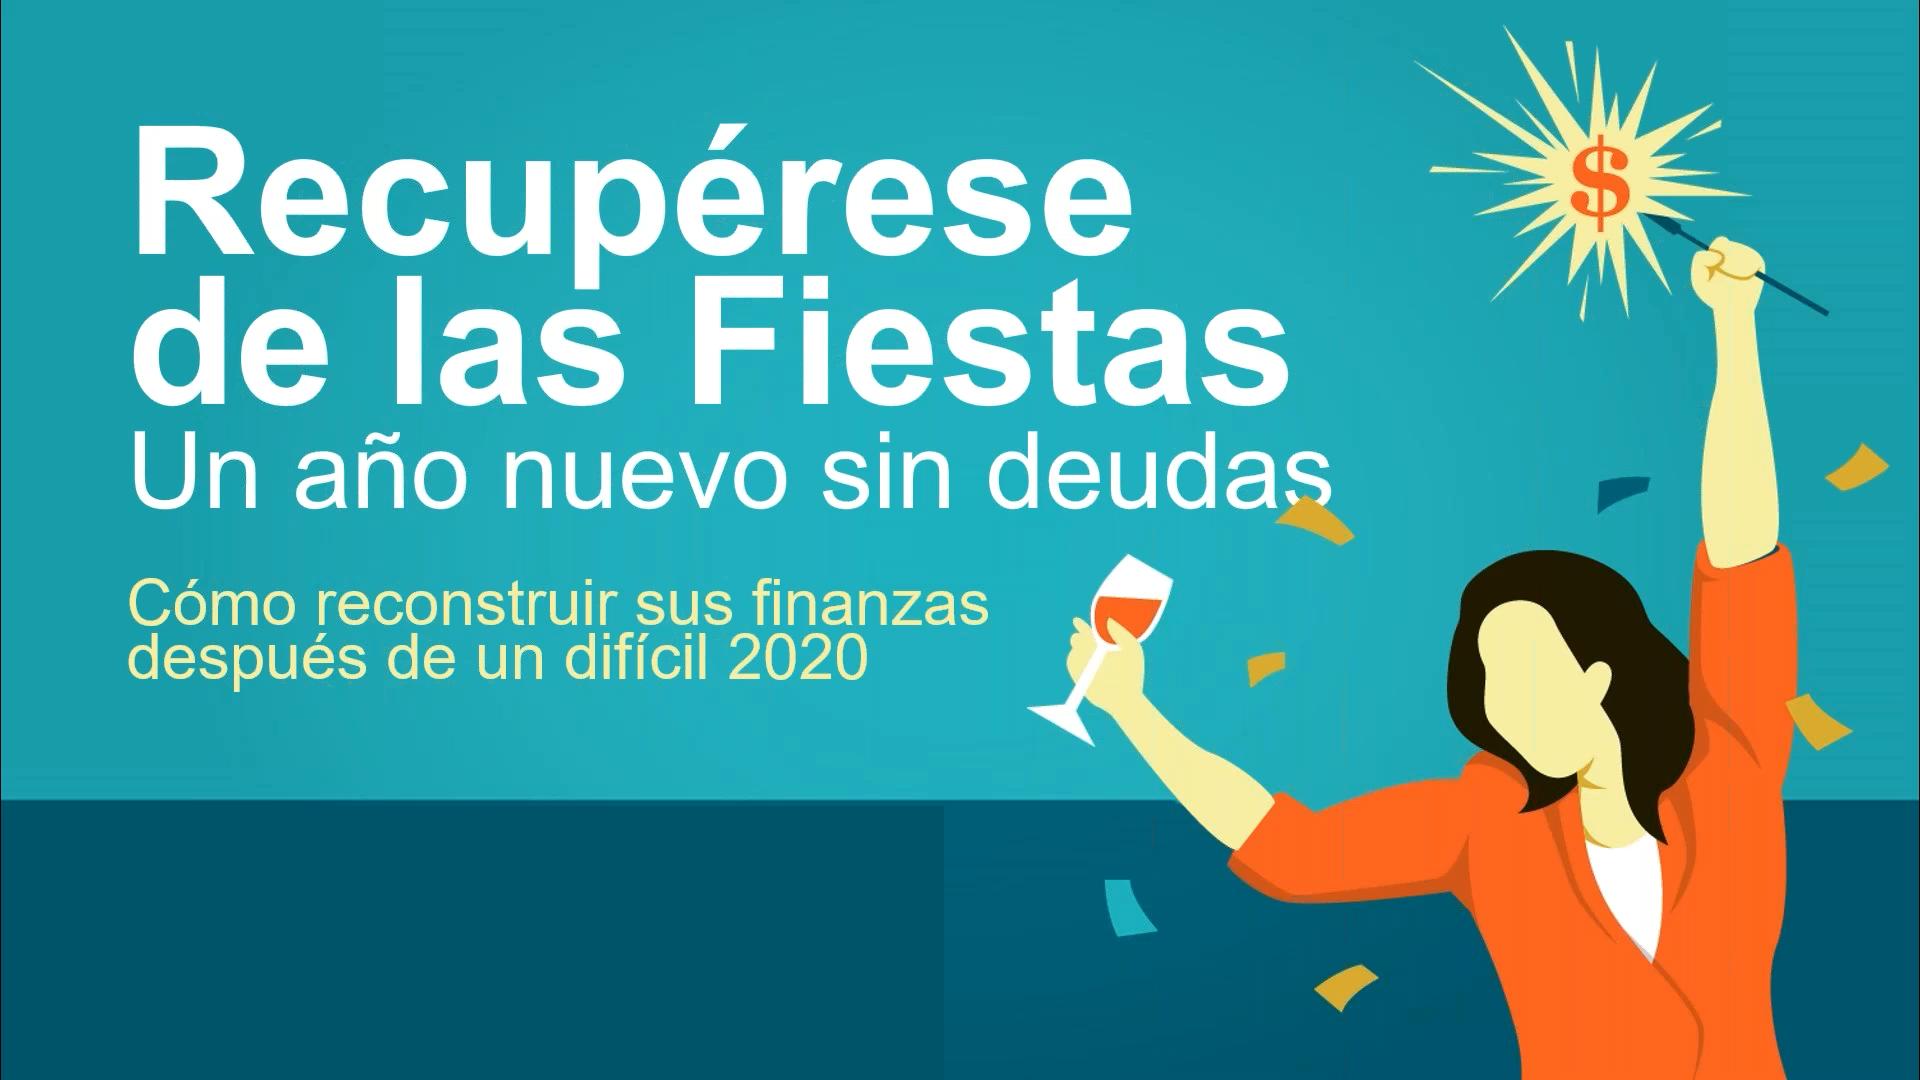 Recupérese de las fiestas: un año nuevo sin deudas